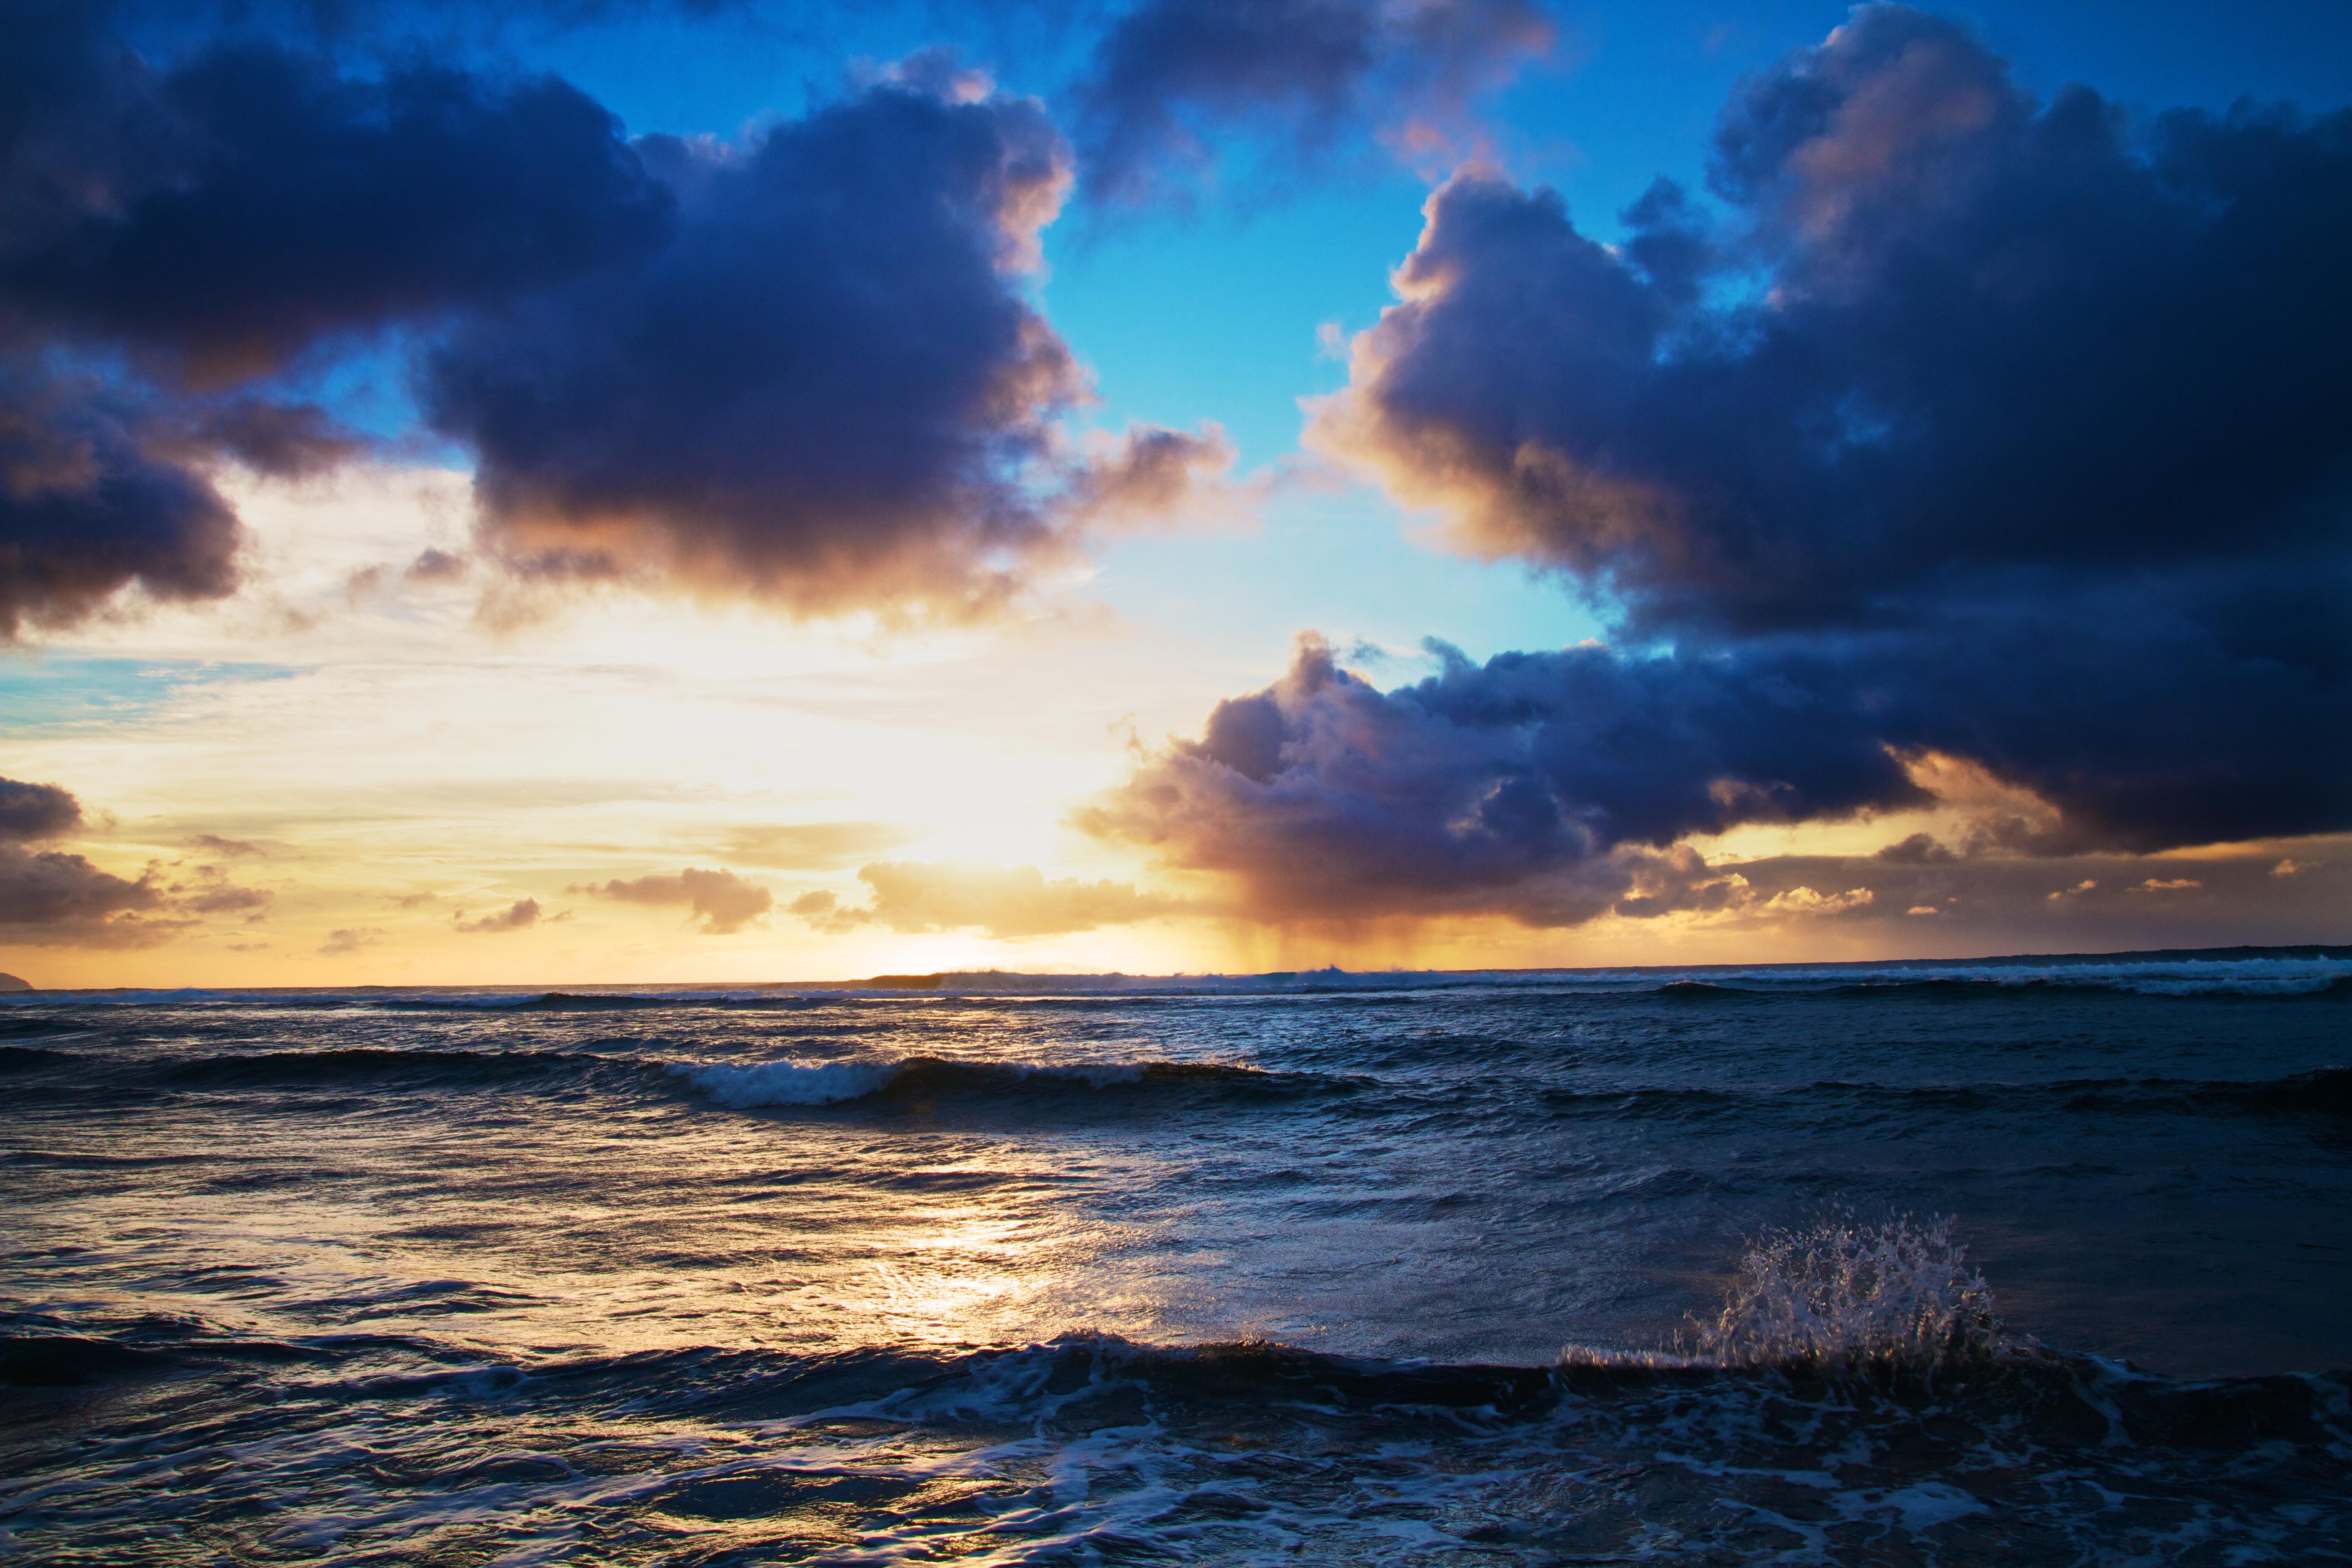 Небо и море фото высокого качества